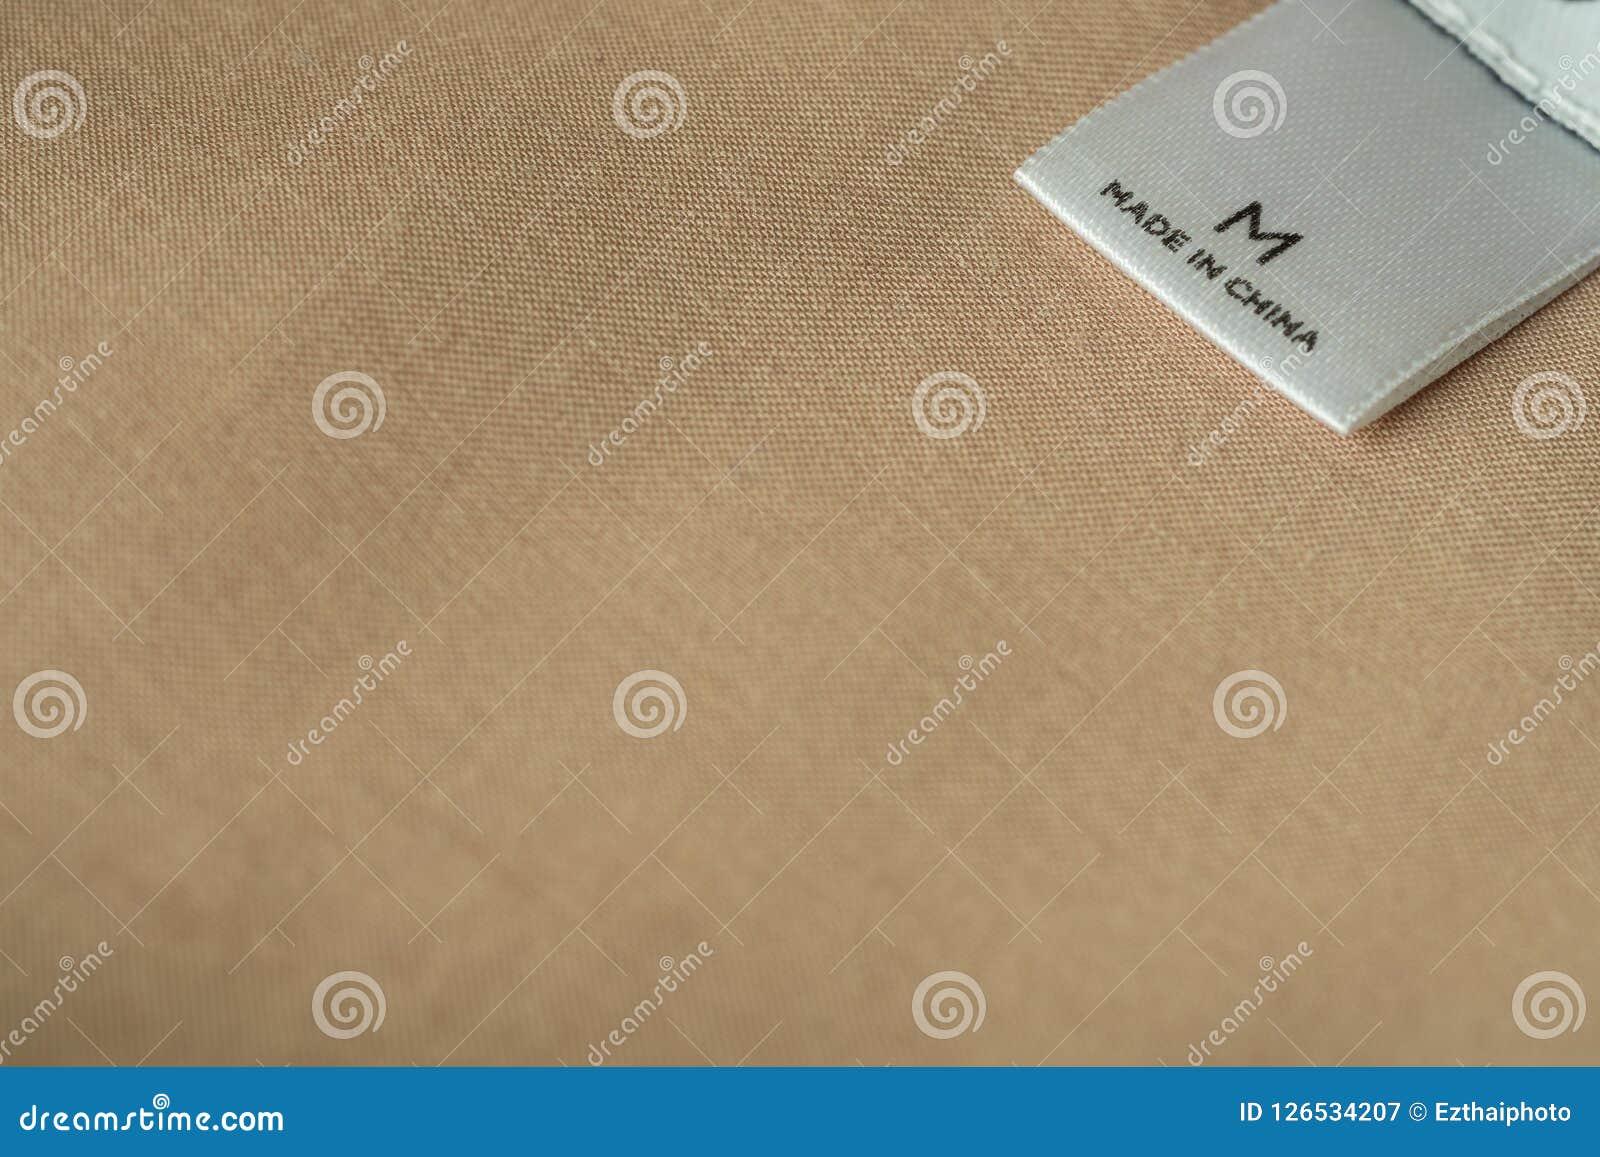 Zamyka w górę makro- strzału piszącego list robić w Chiny na t ubrania etykietka